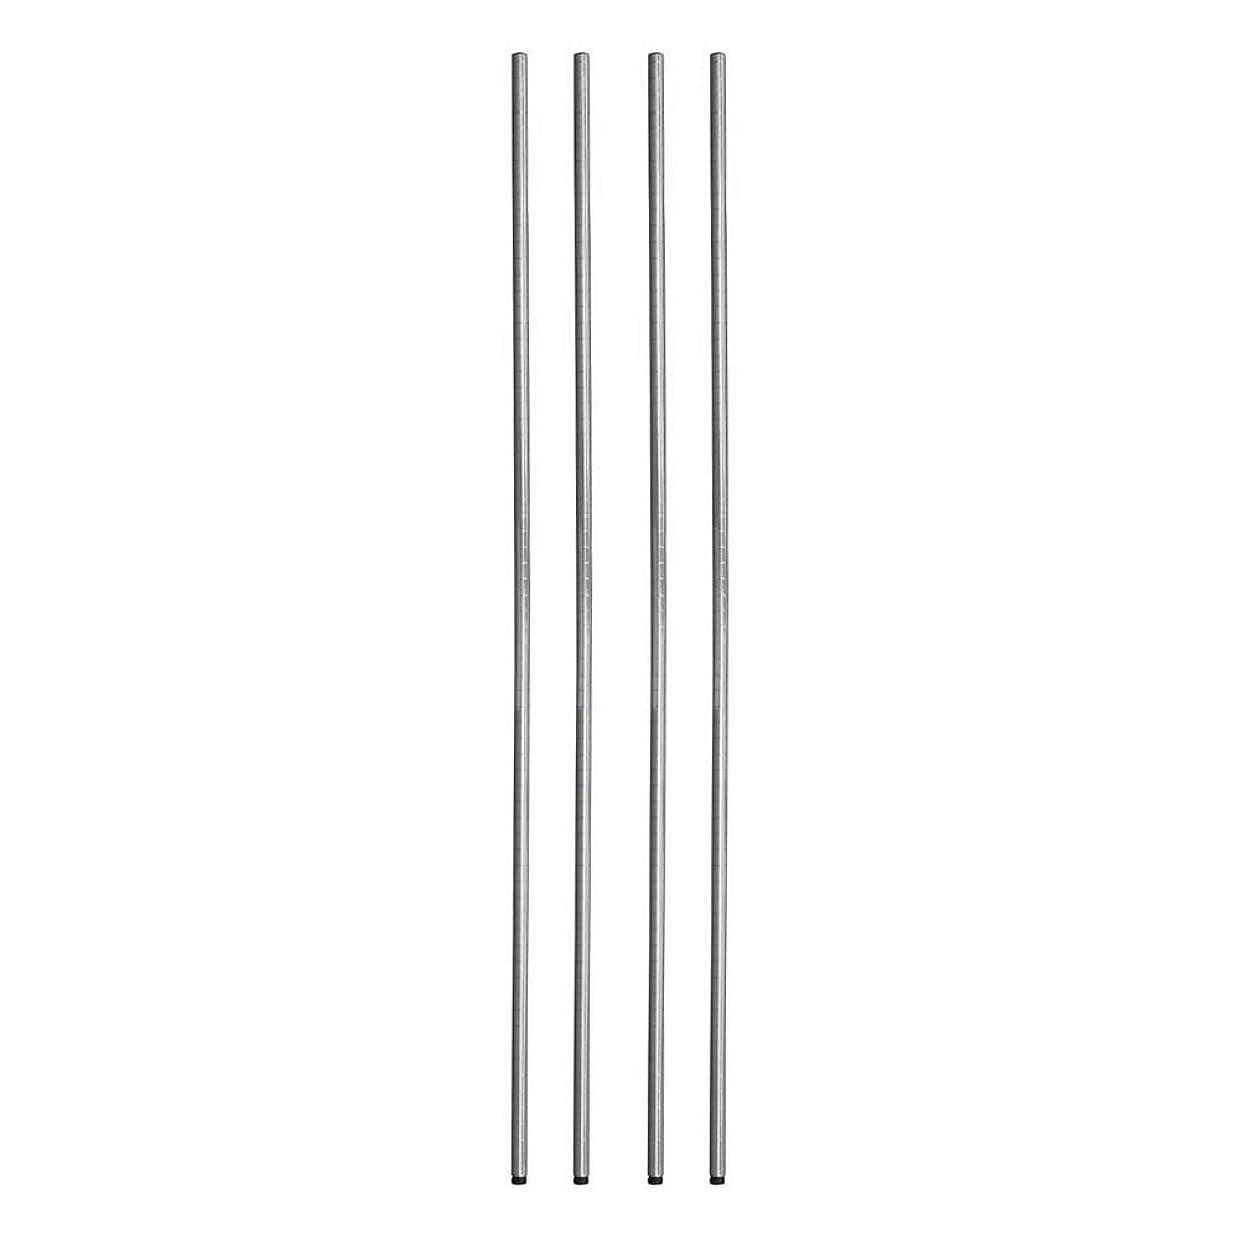 クローン遵守する積分ルミナス ポール径25mm用パーツ ポール(支柱) ポール 180cm(4本セット) 高さ180cm 25P180*4